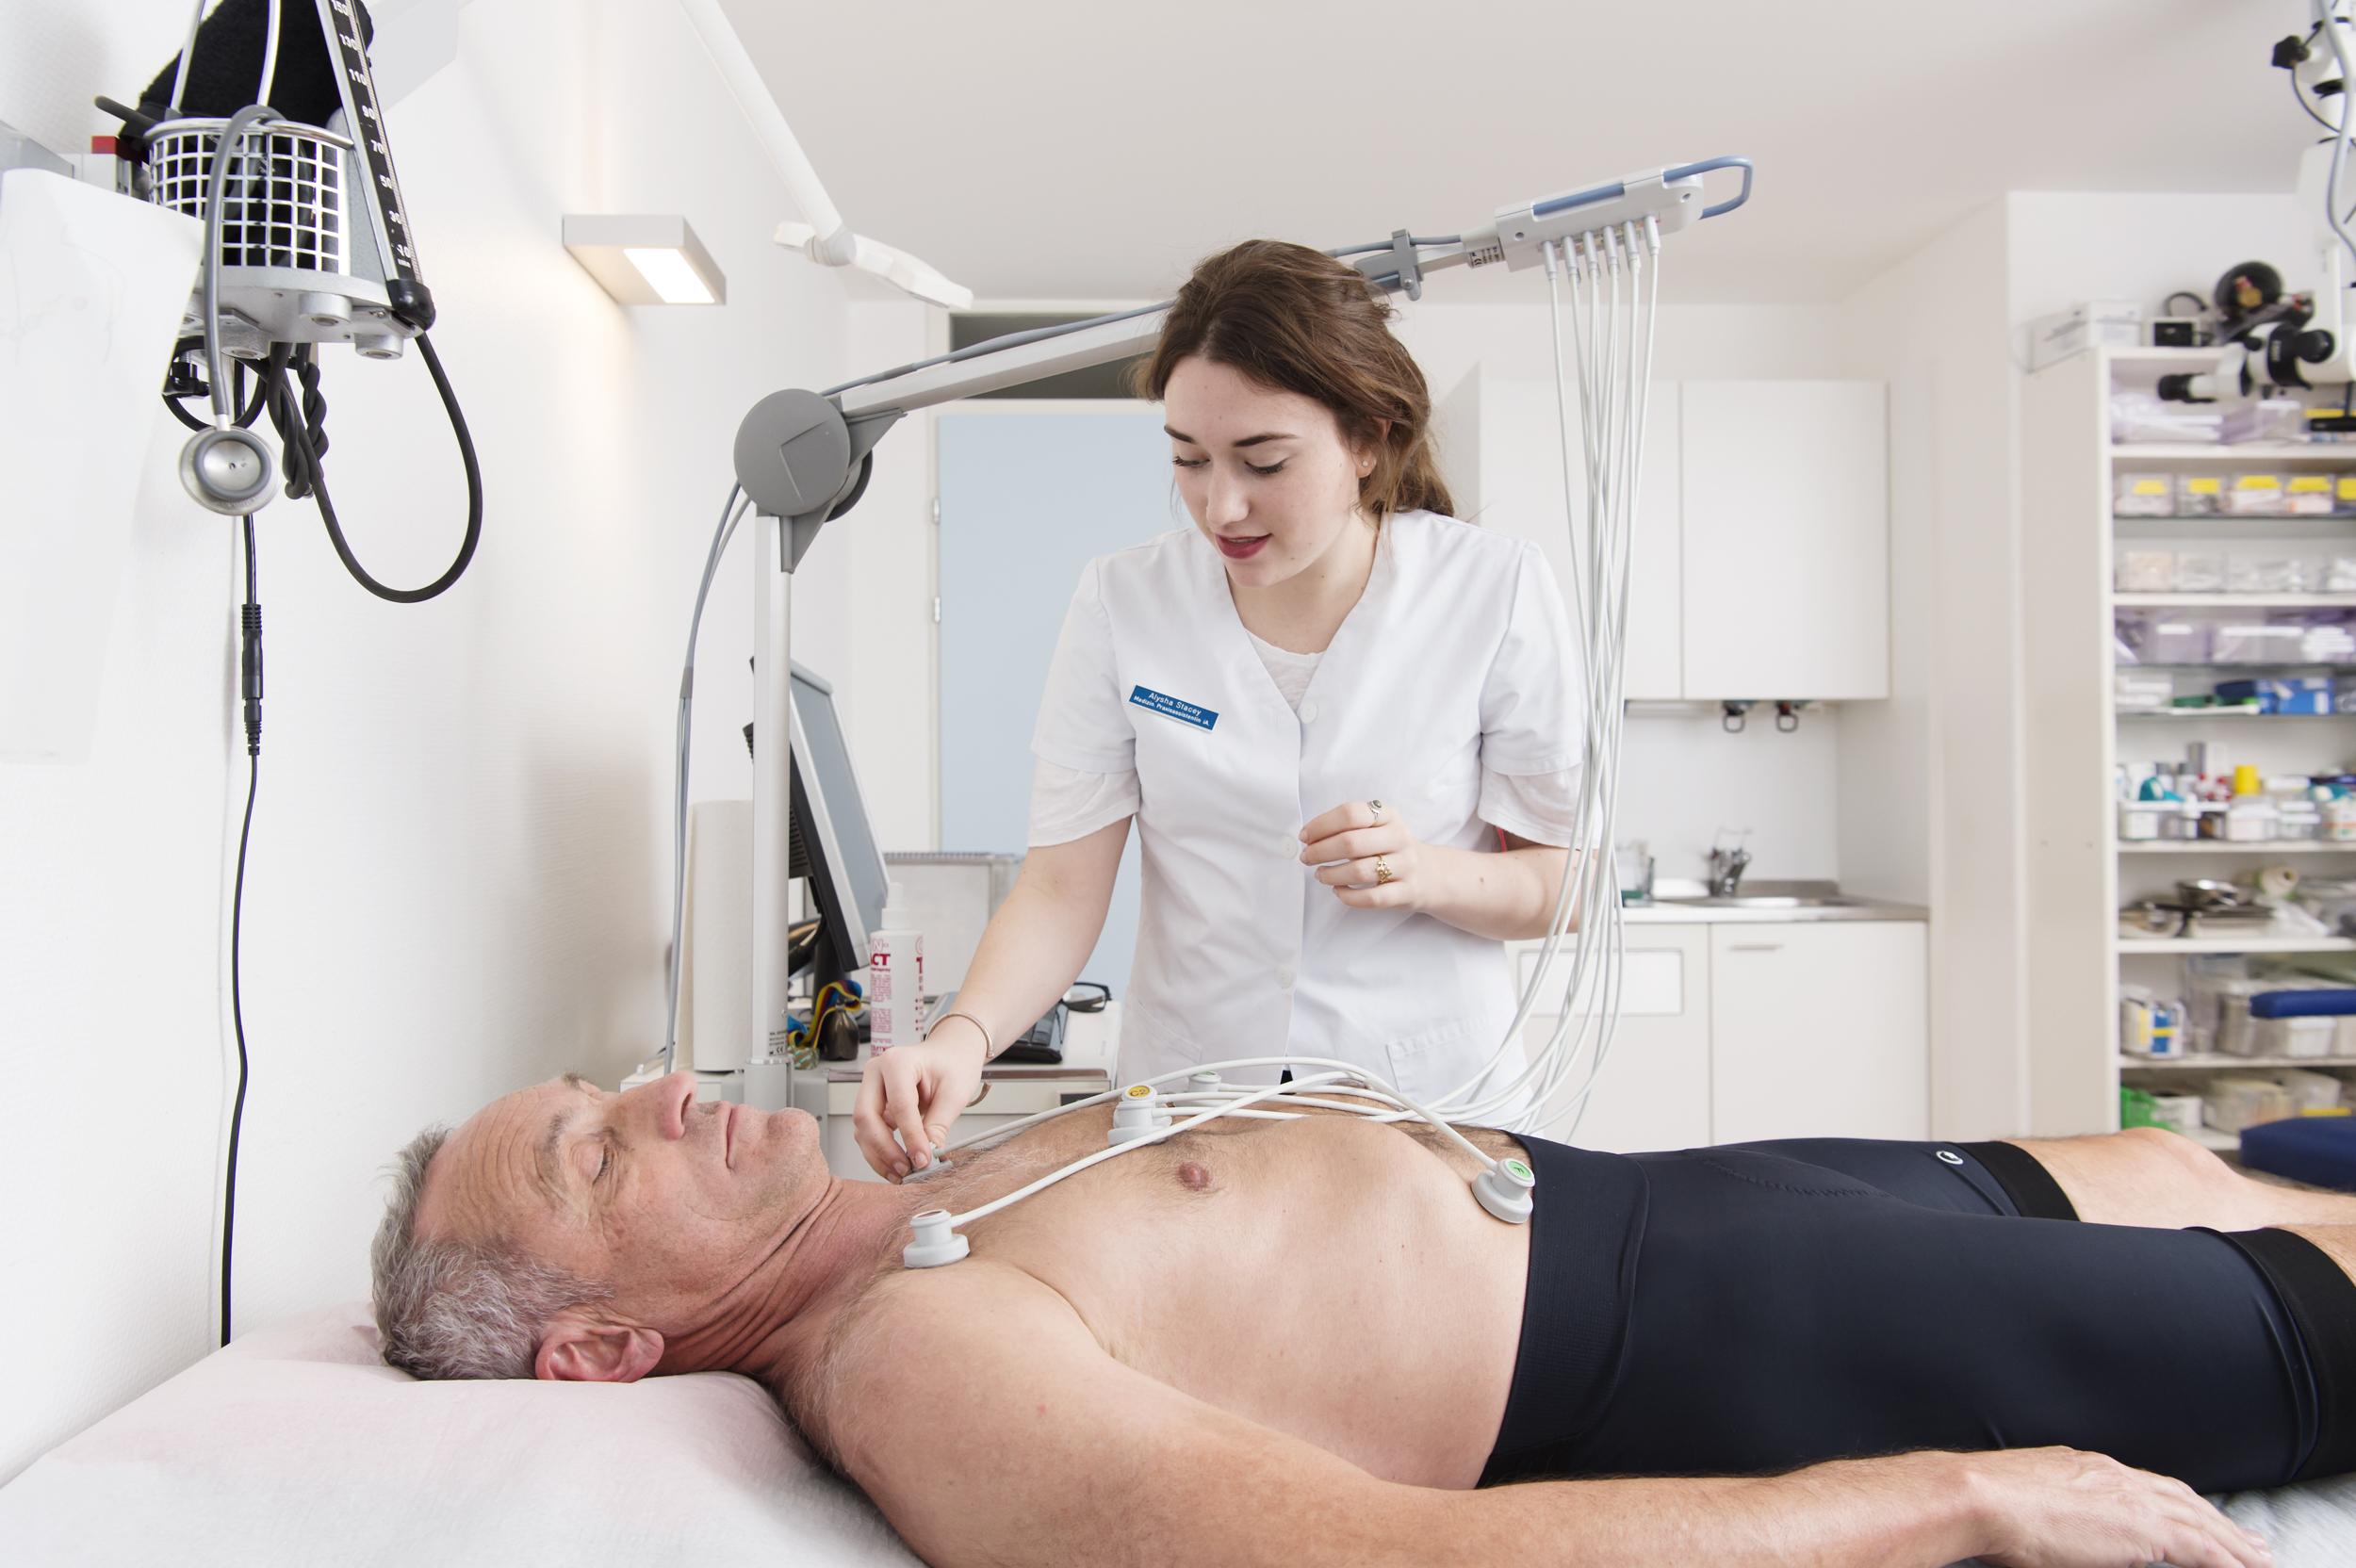 Eine MPA bei aufsetzen eines EKGs bei einem Patienten.